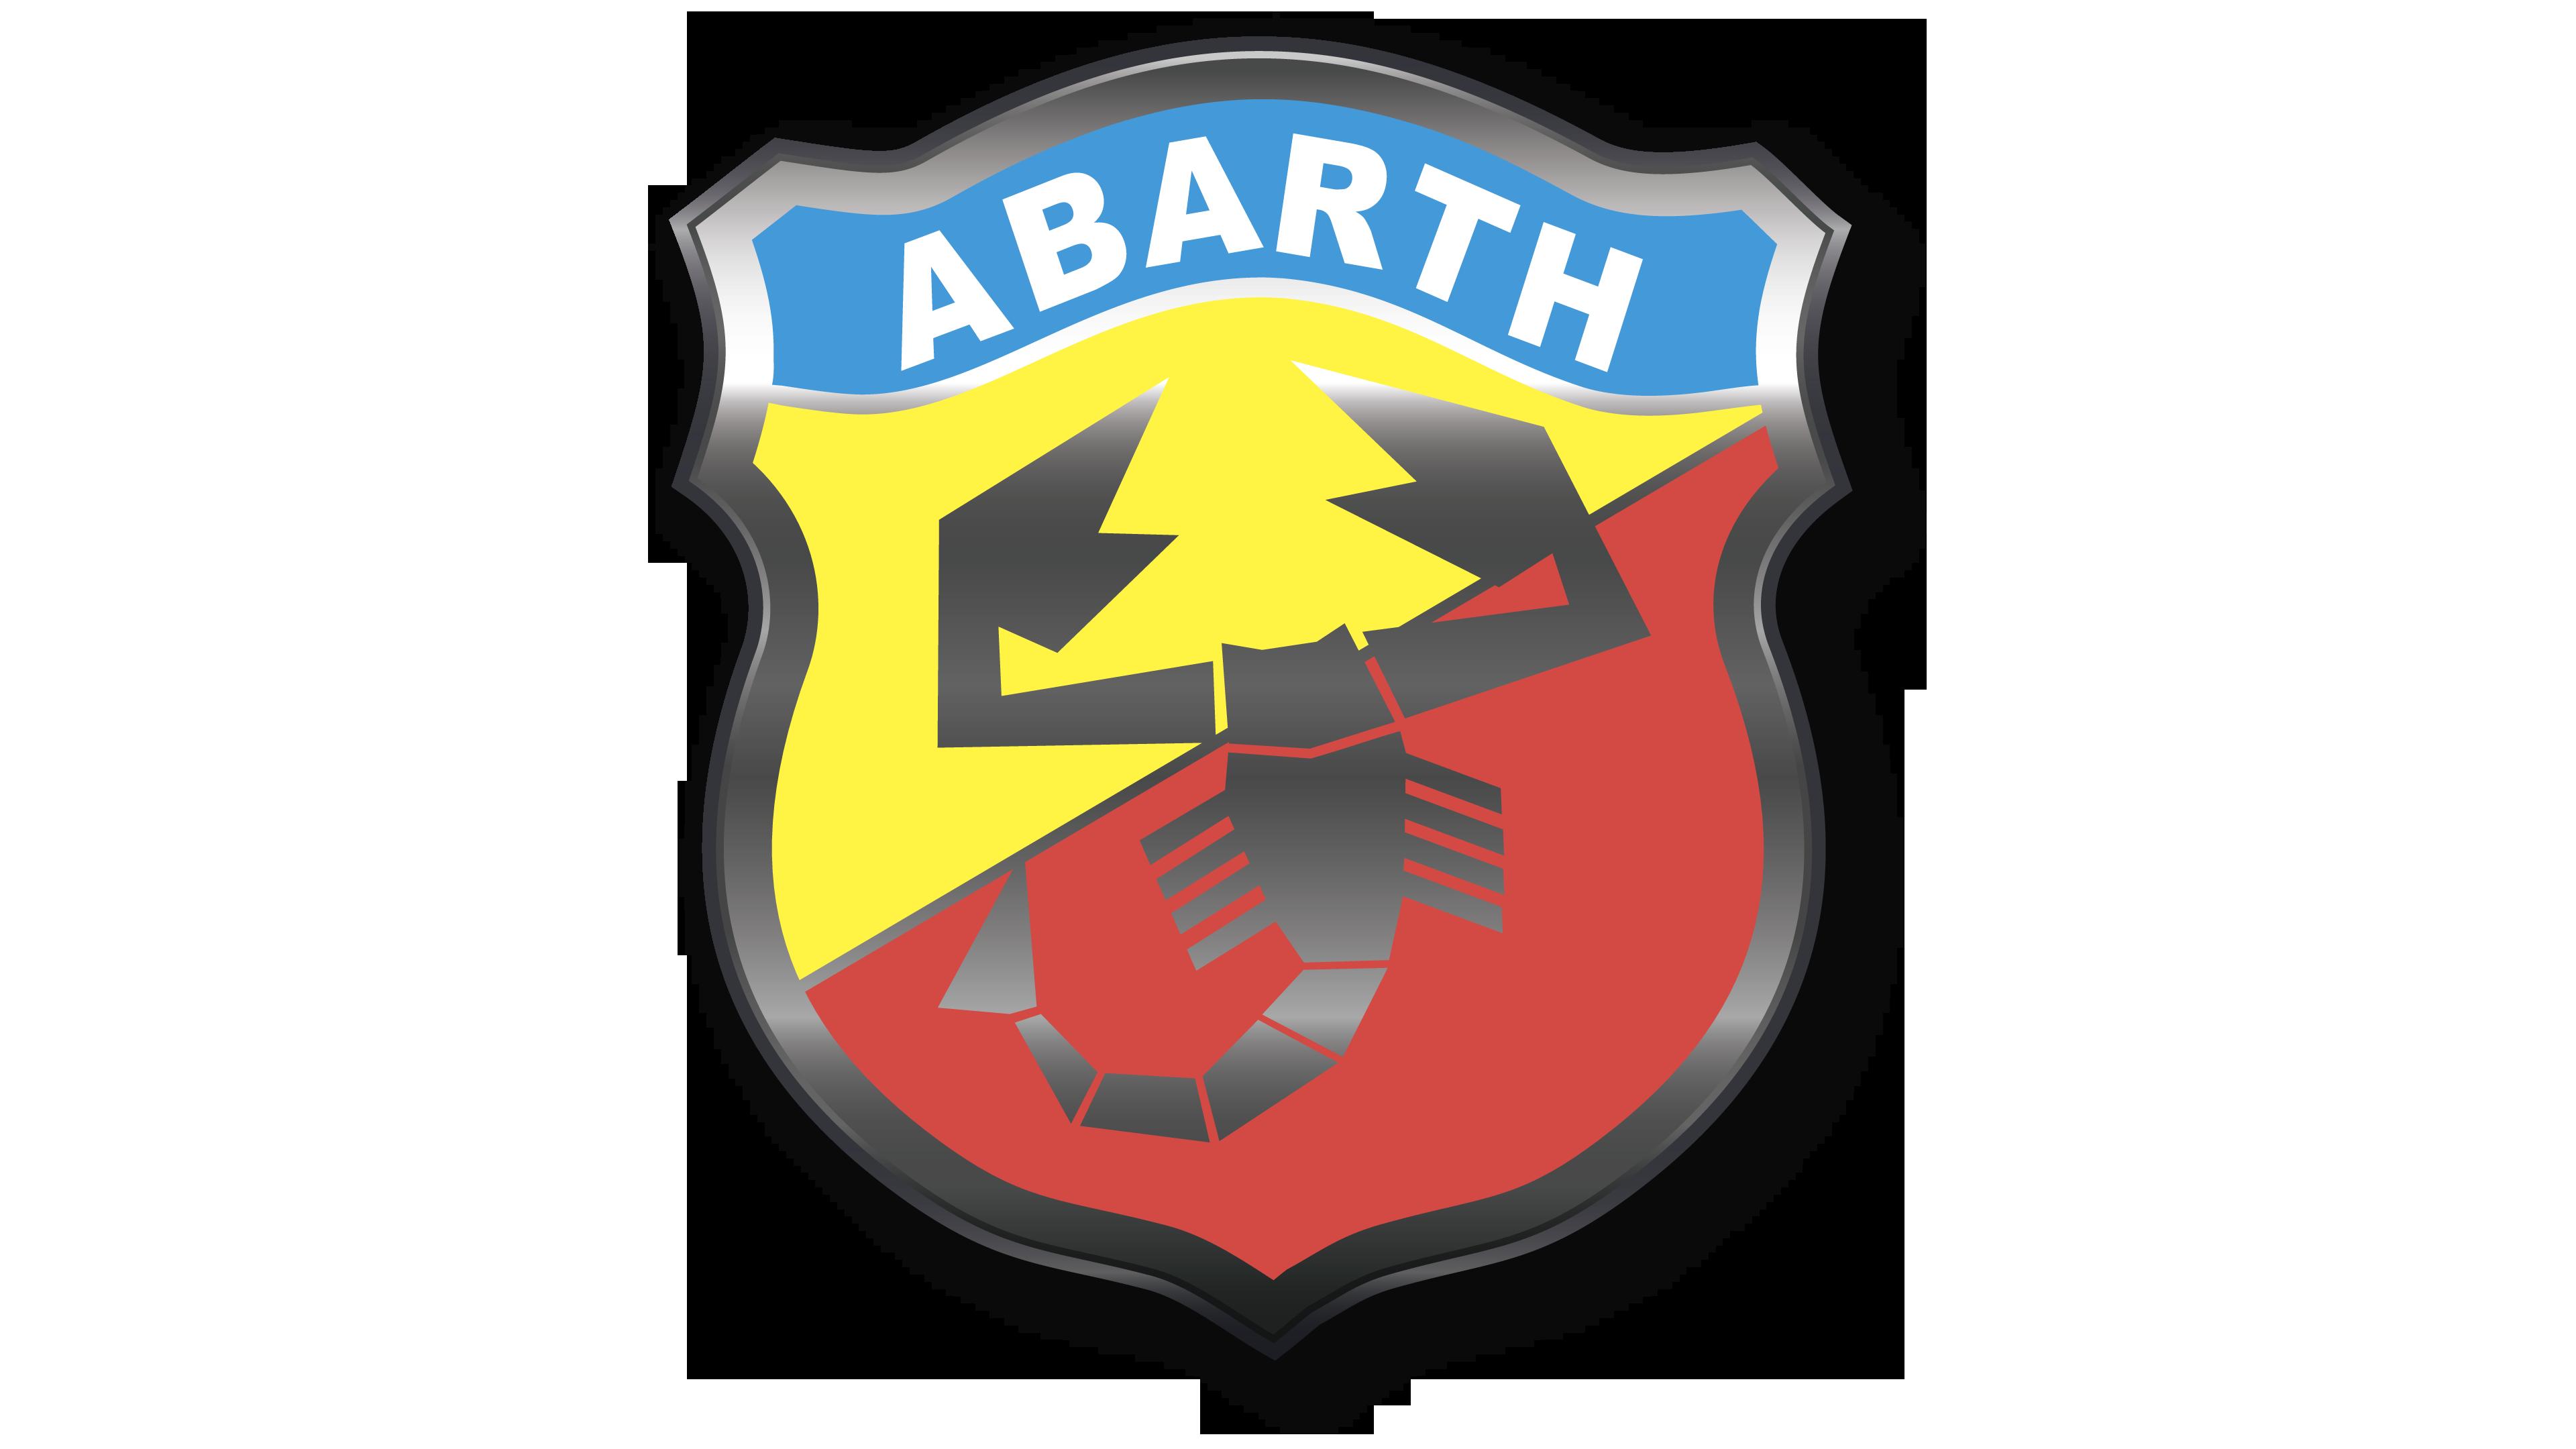 Abarth logo Bedeutung [ZEICHEN logo, png].